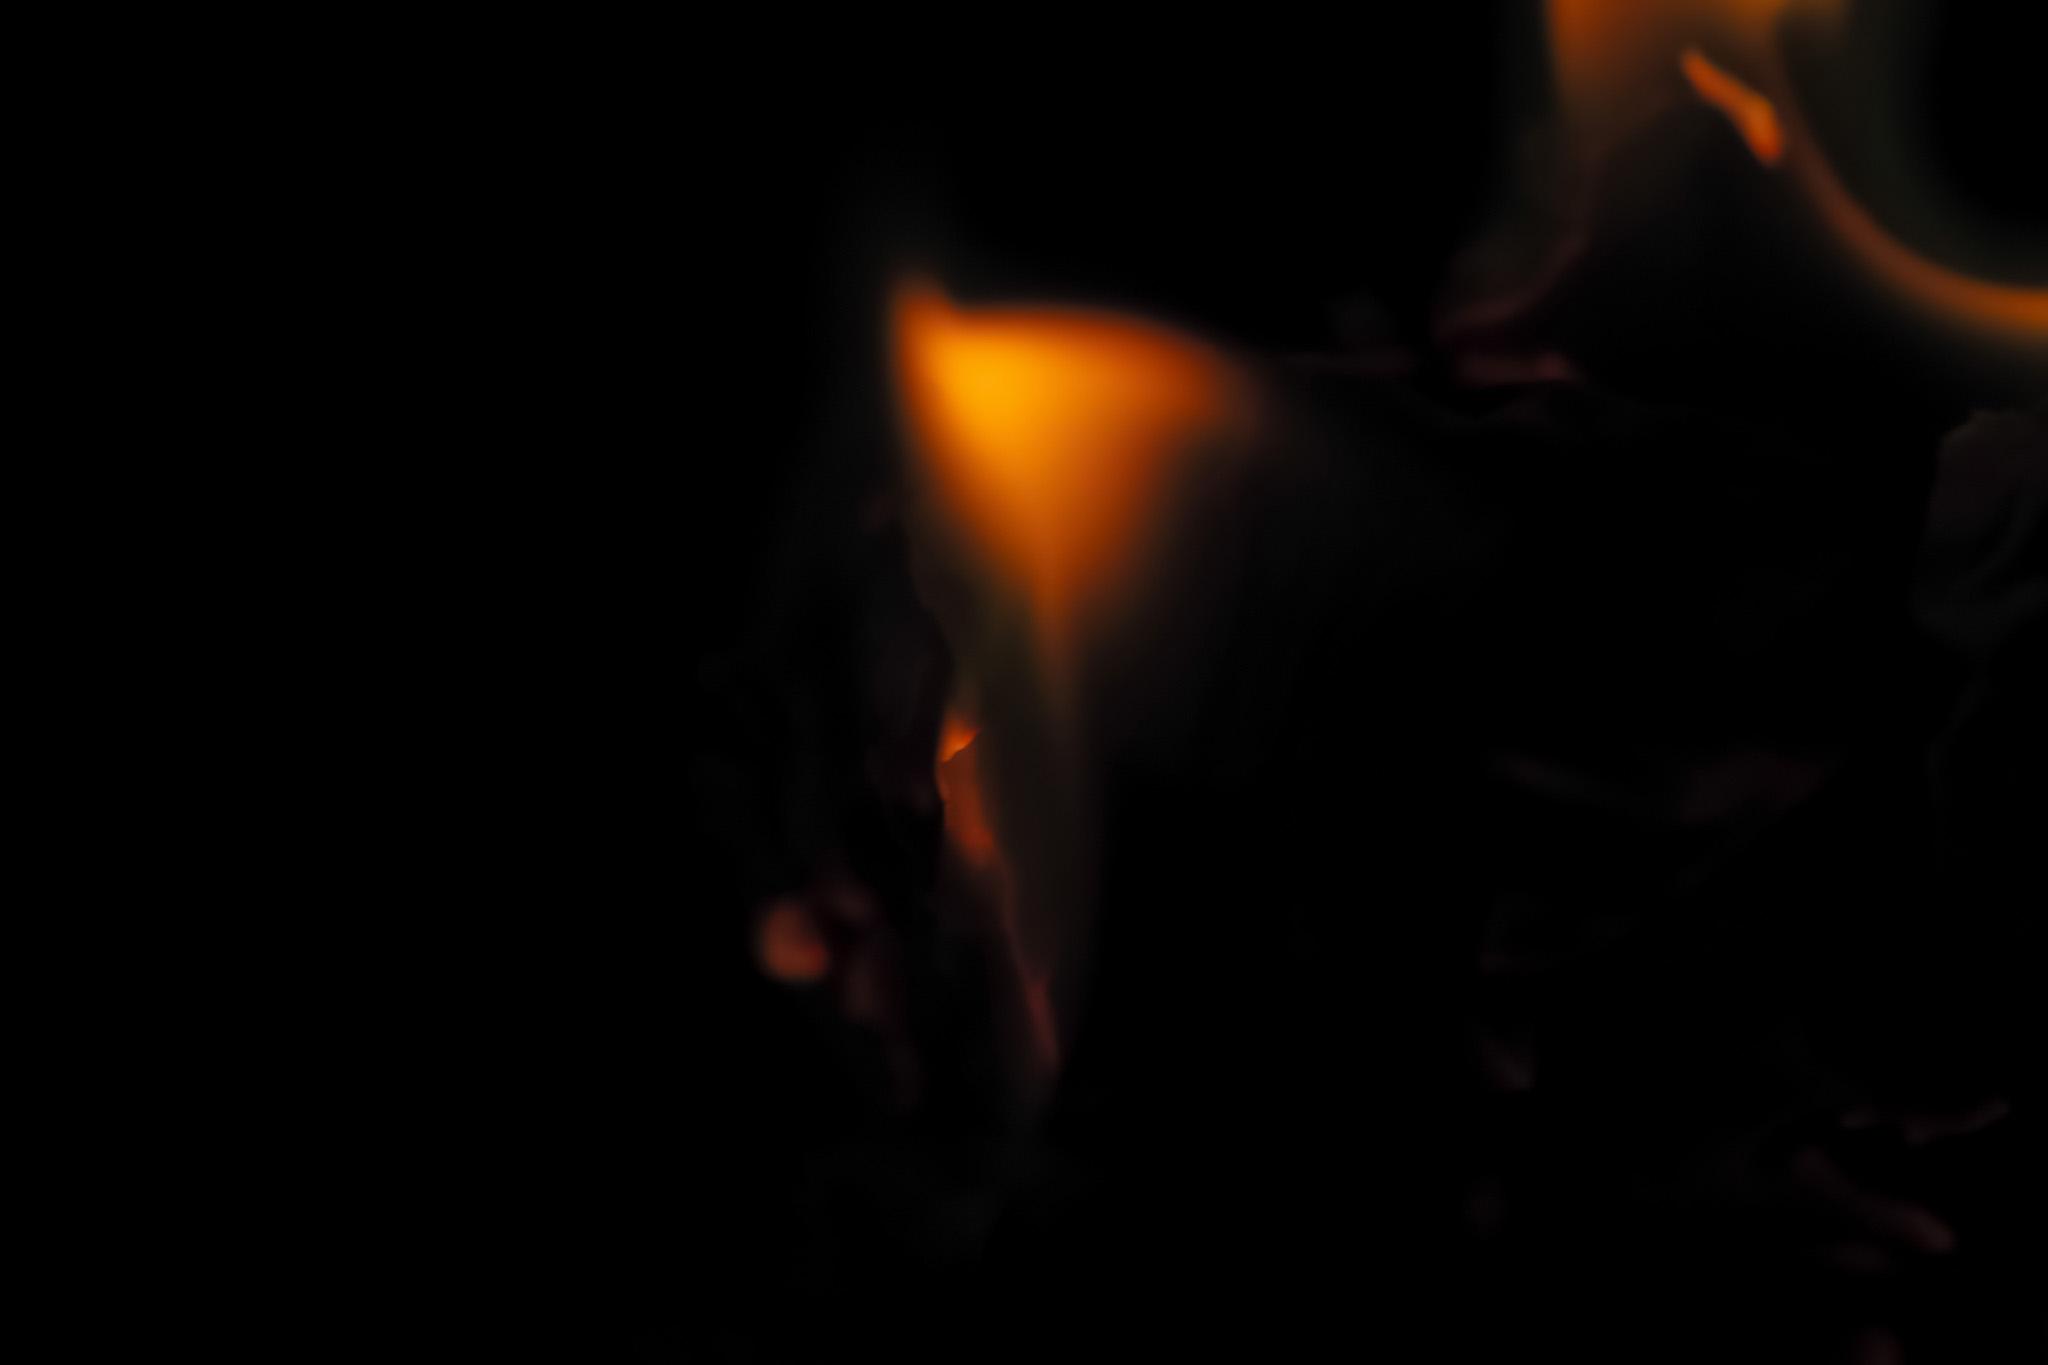 「儚く消える火の明かり」